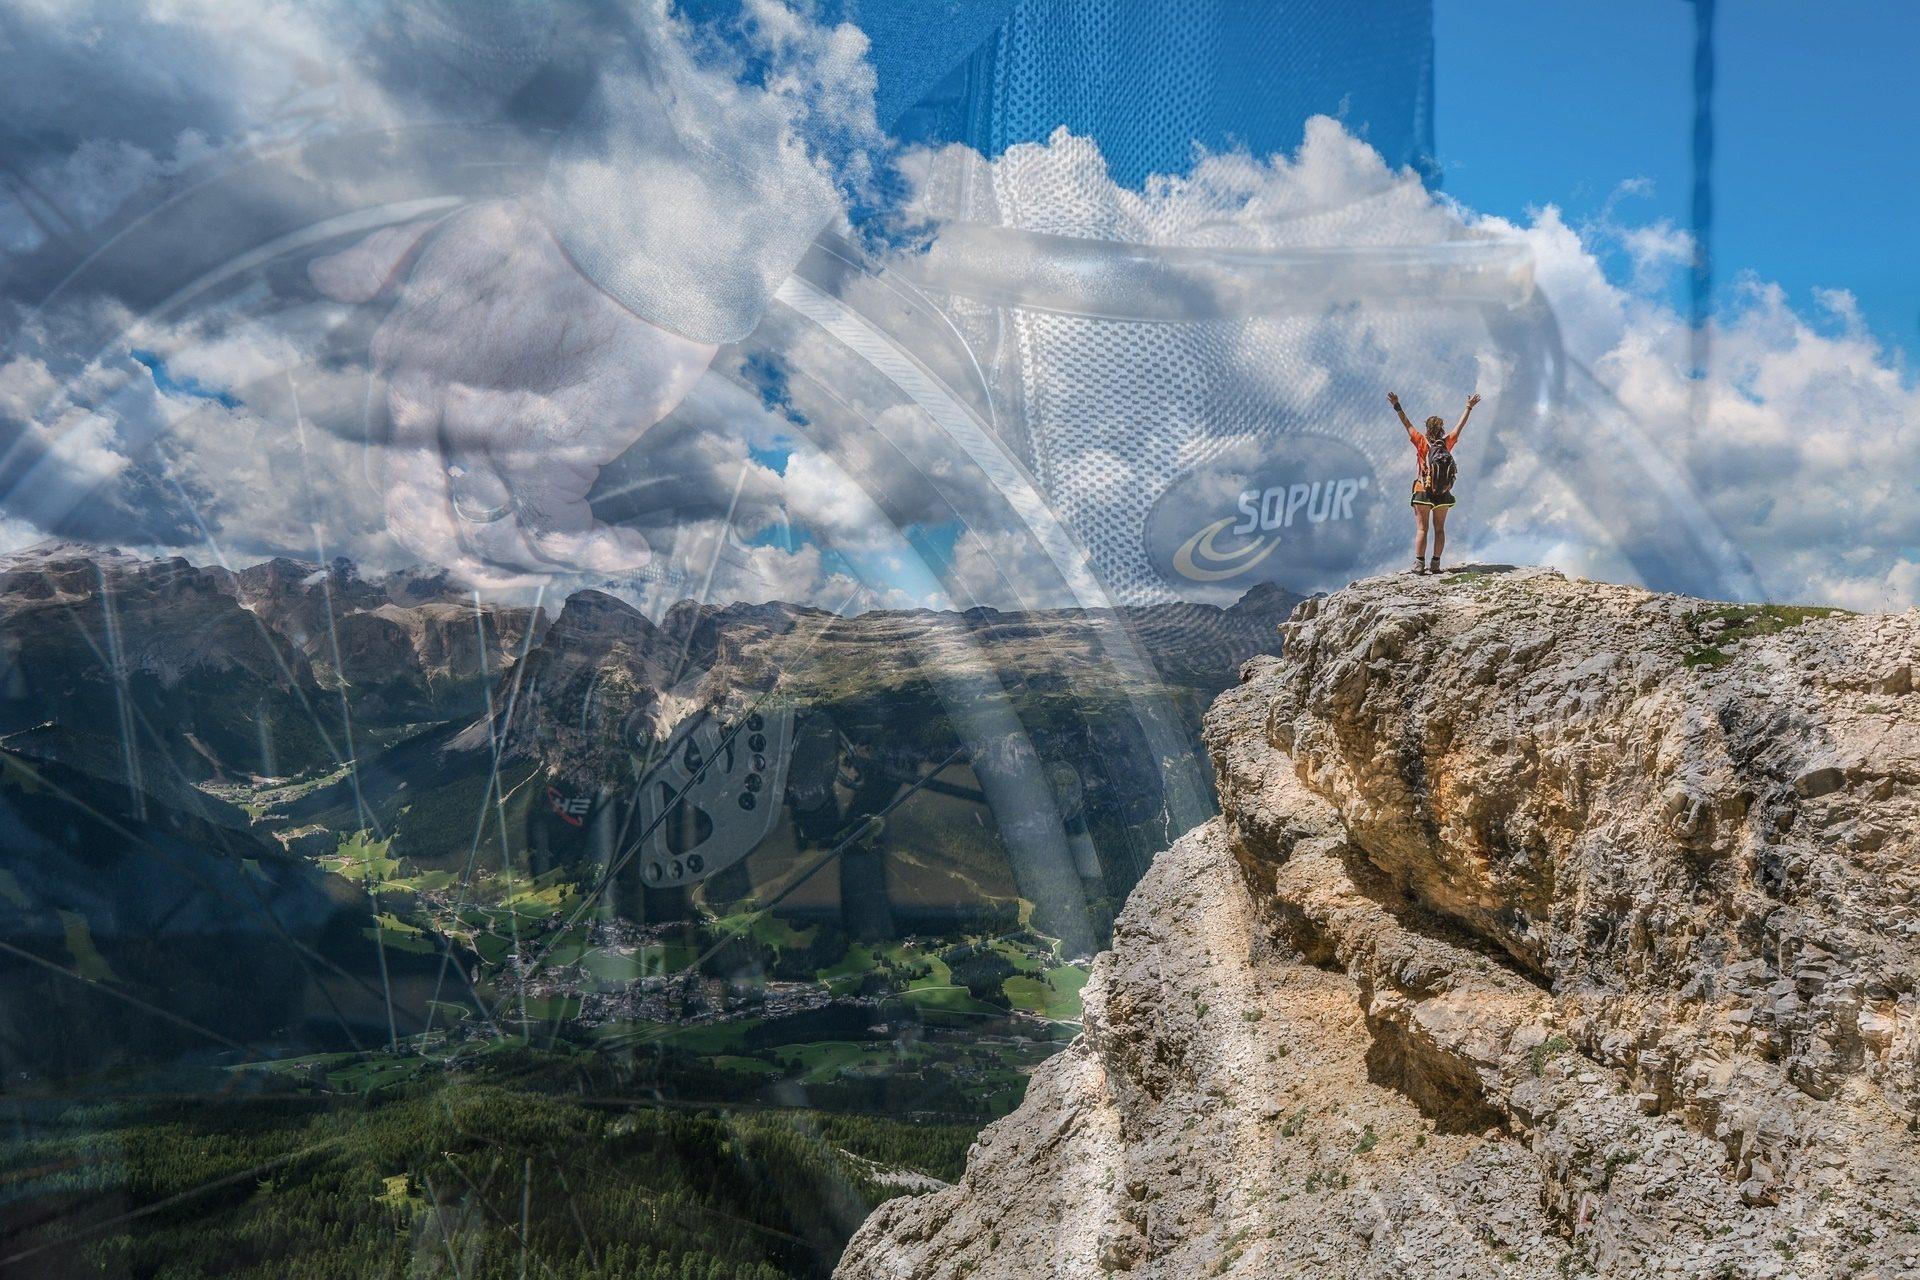 turystyka górska, turystyka na wozku inwalidzkim